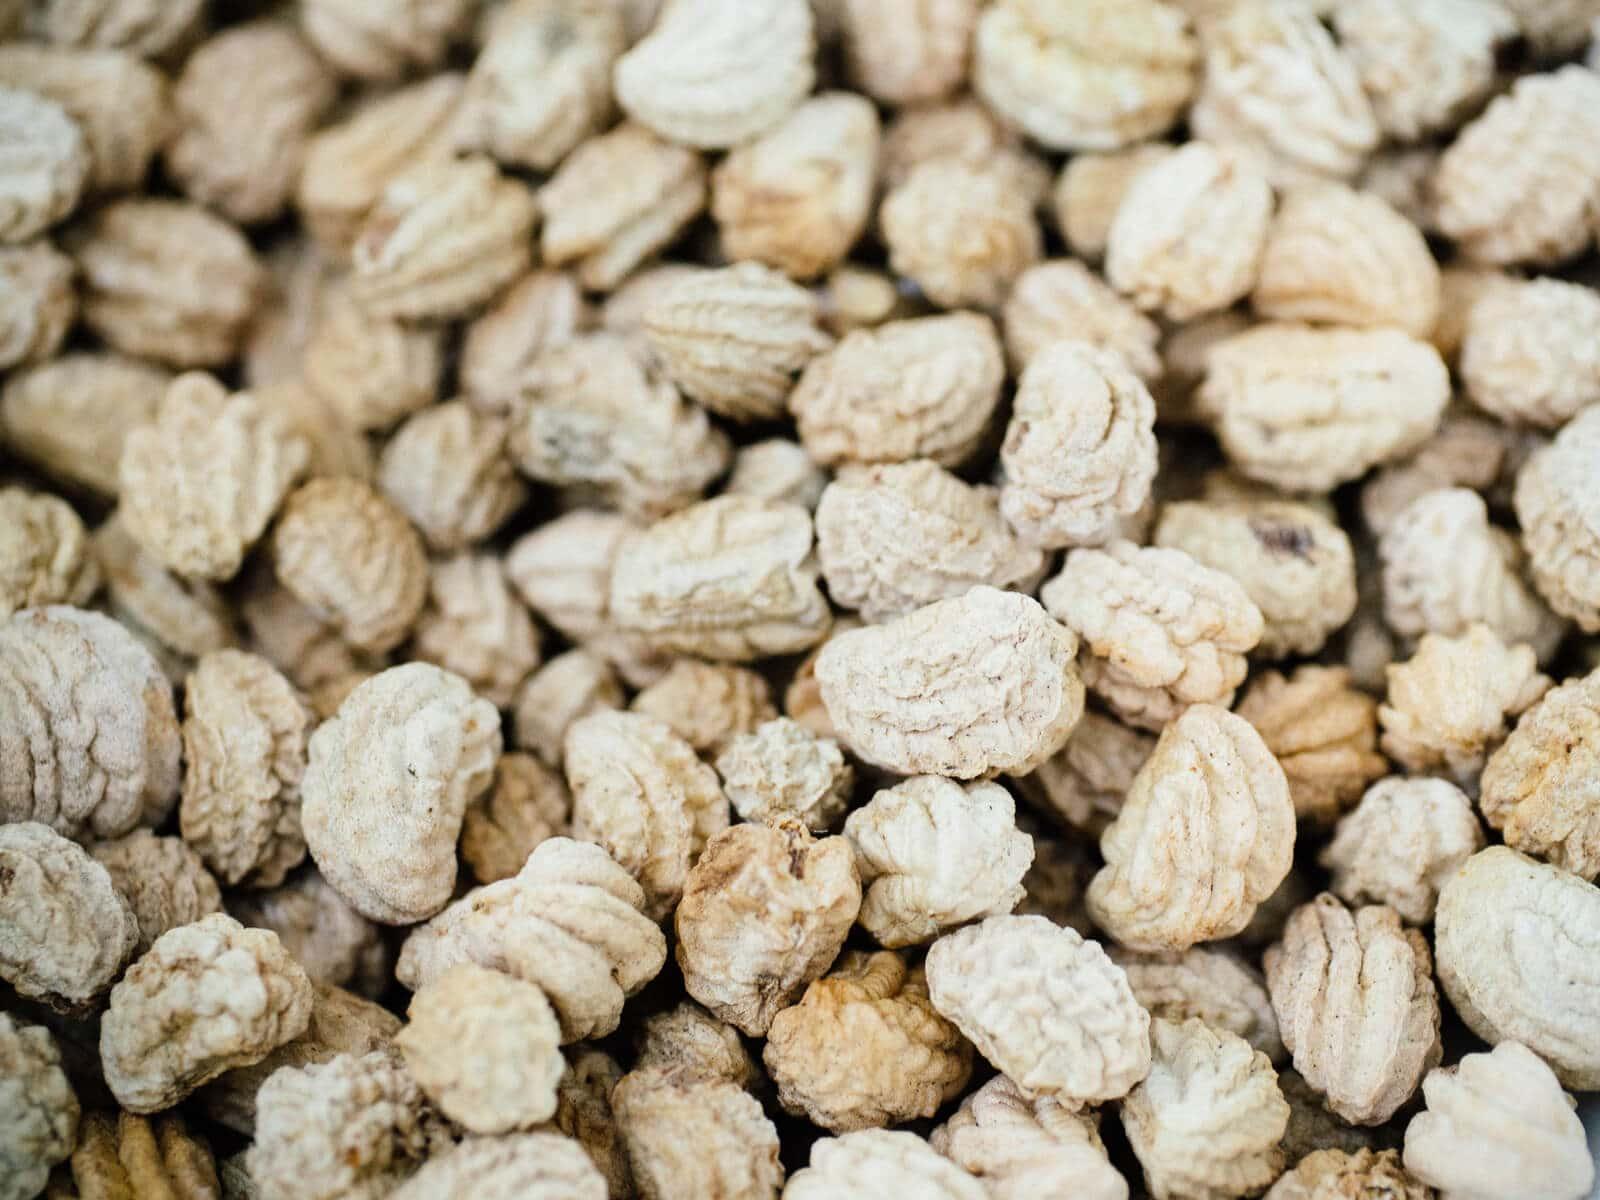 Saving nasturtium seeds